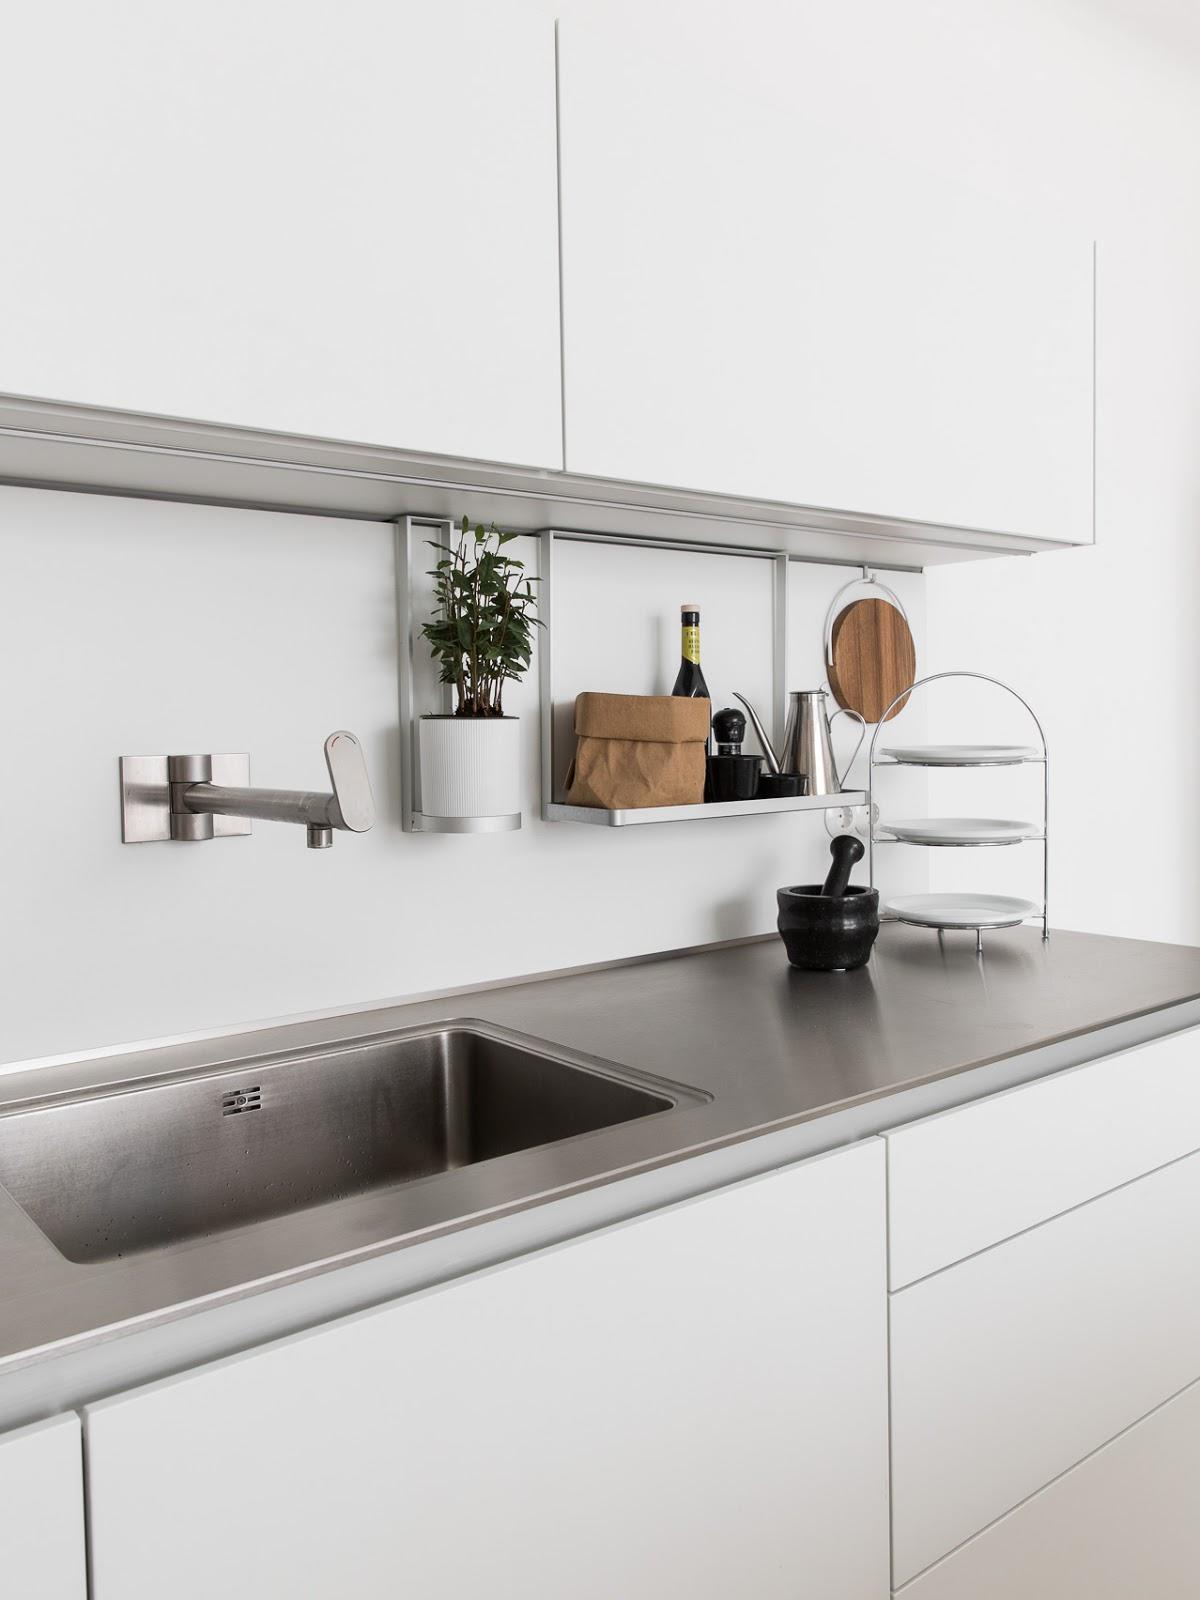 Tolle Weiße Küchenecke Sätze Fotos - Küche Set Ideen ...